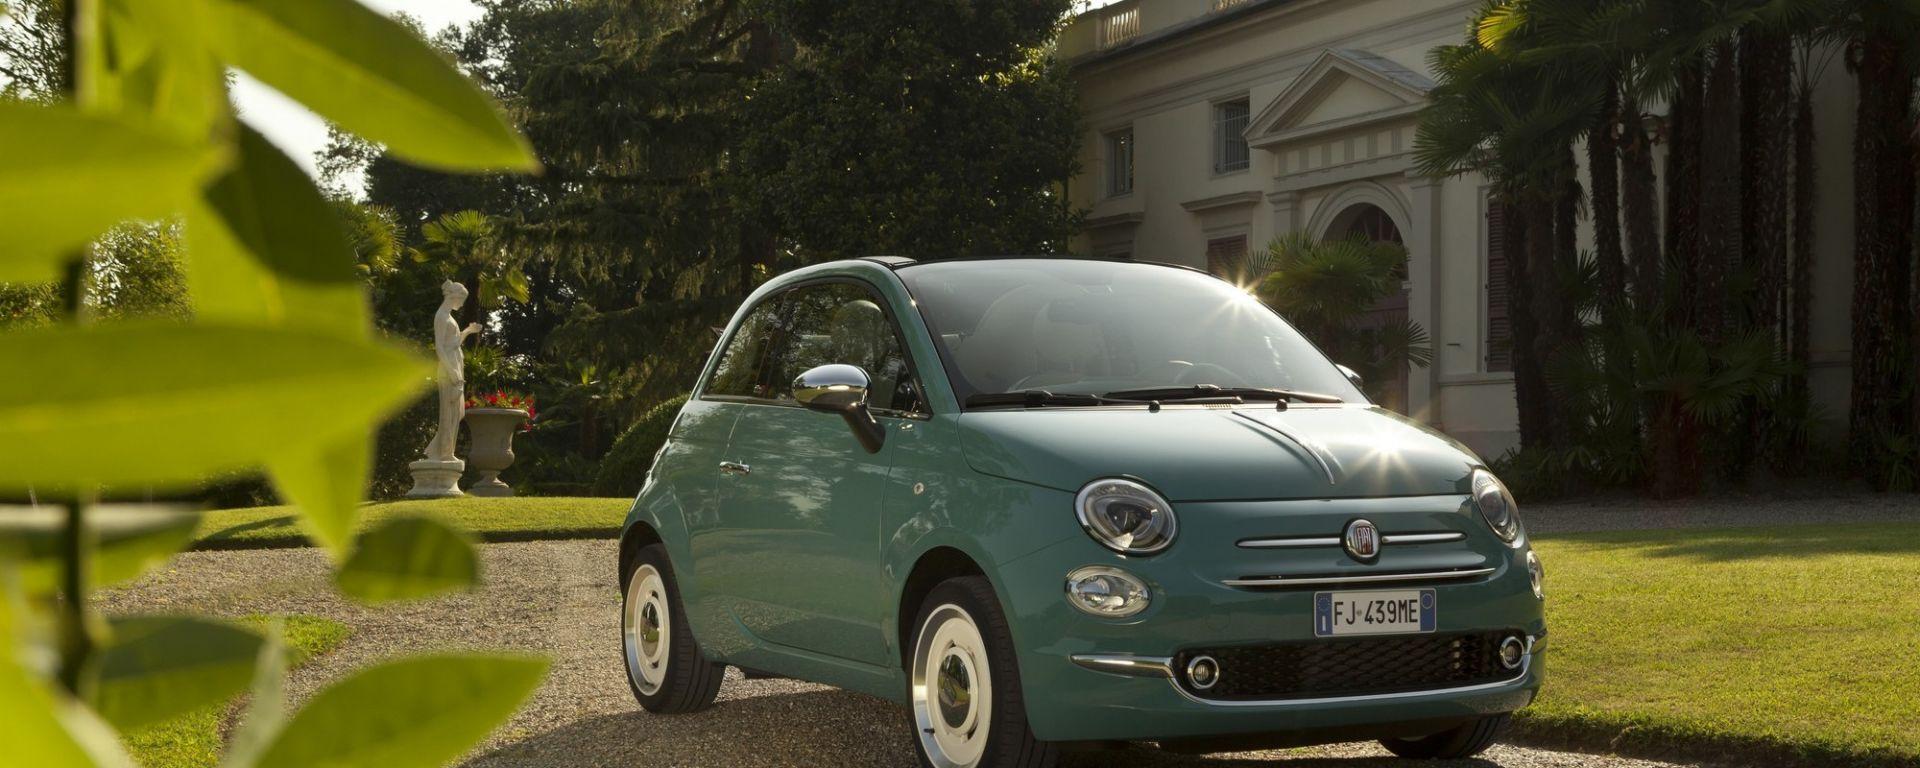 fiat 500 anniversario dell 39 icona dell 39 auto italiana motorbox. Black Bedroom Furniture Sets. Home Design Ideas